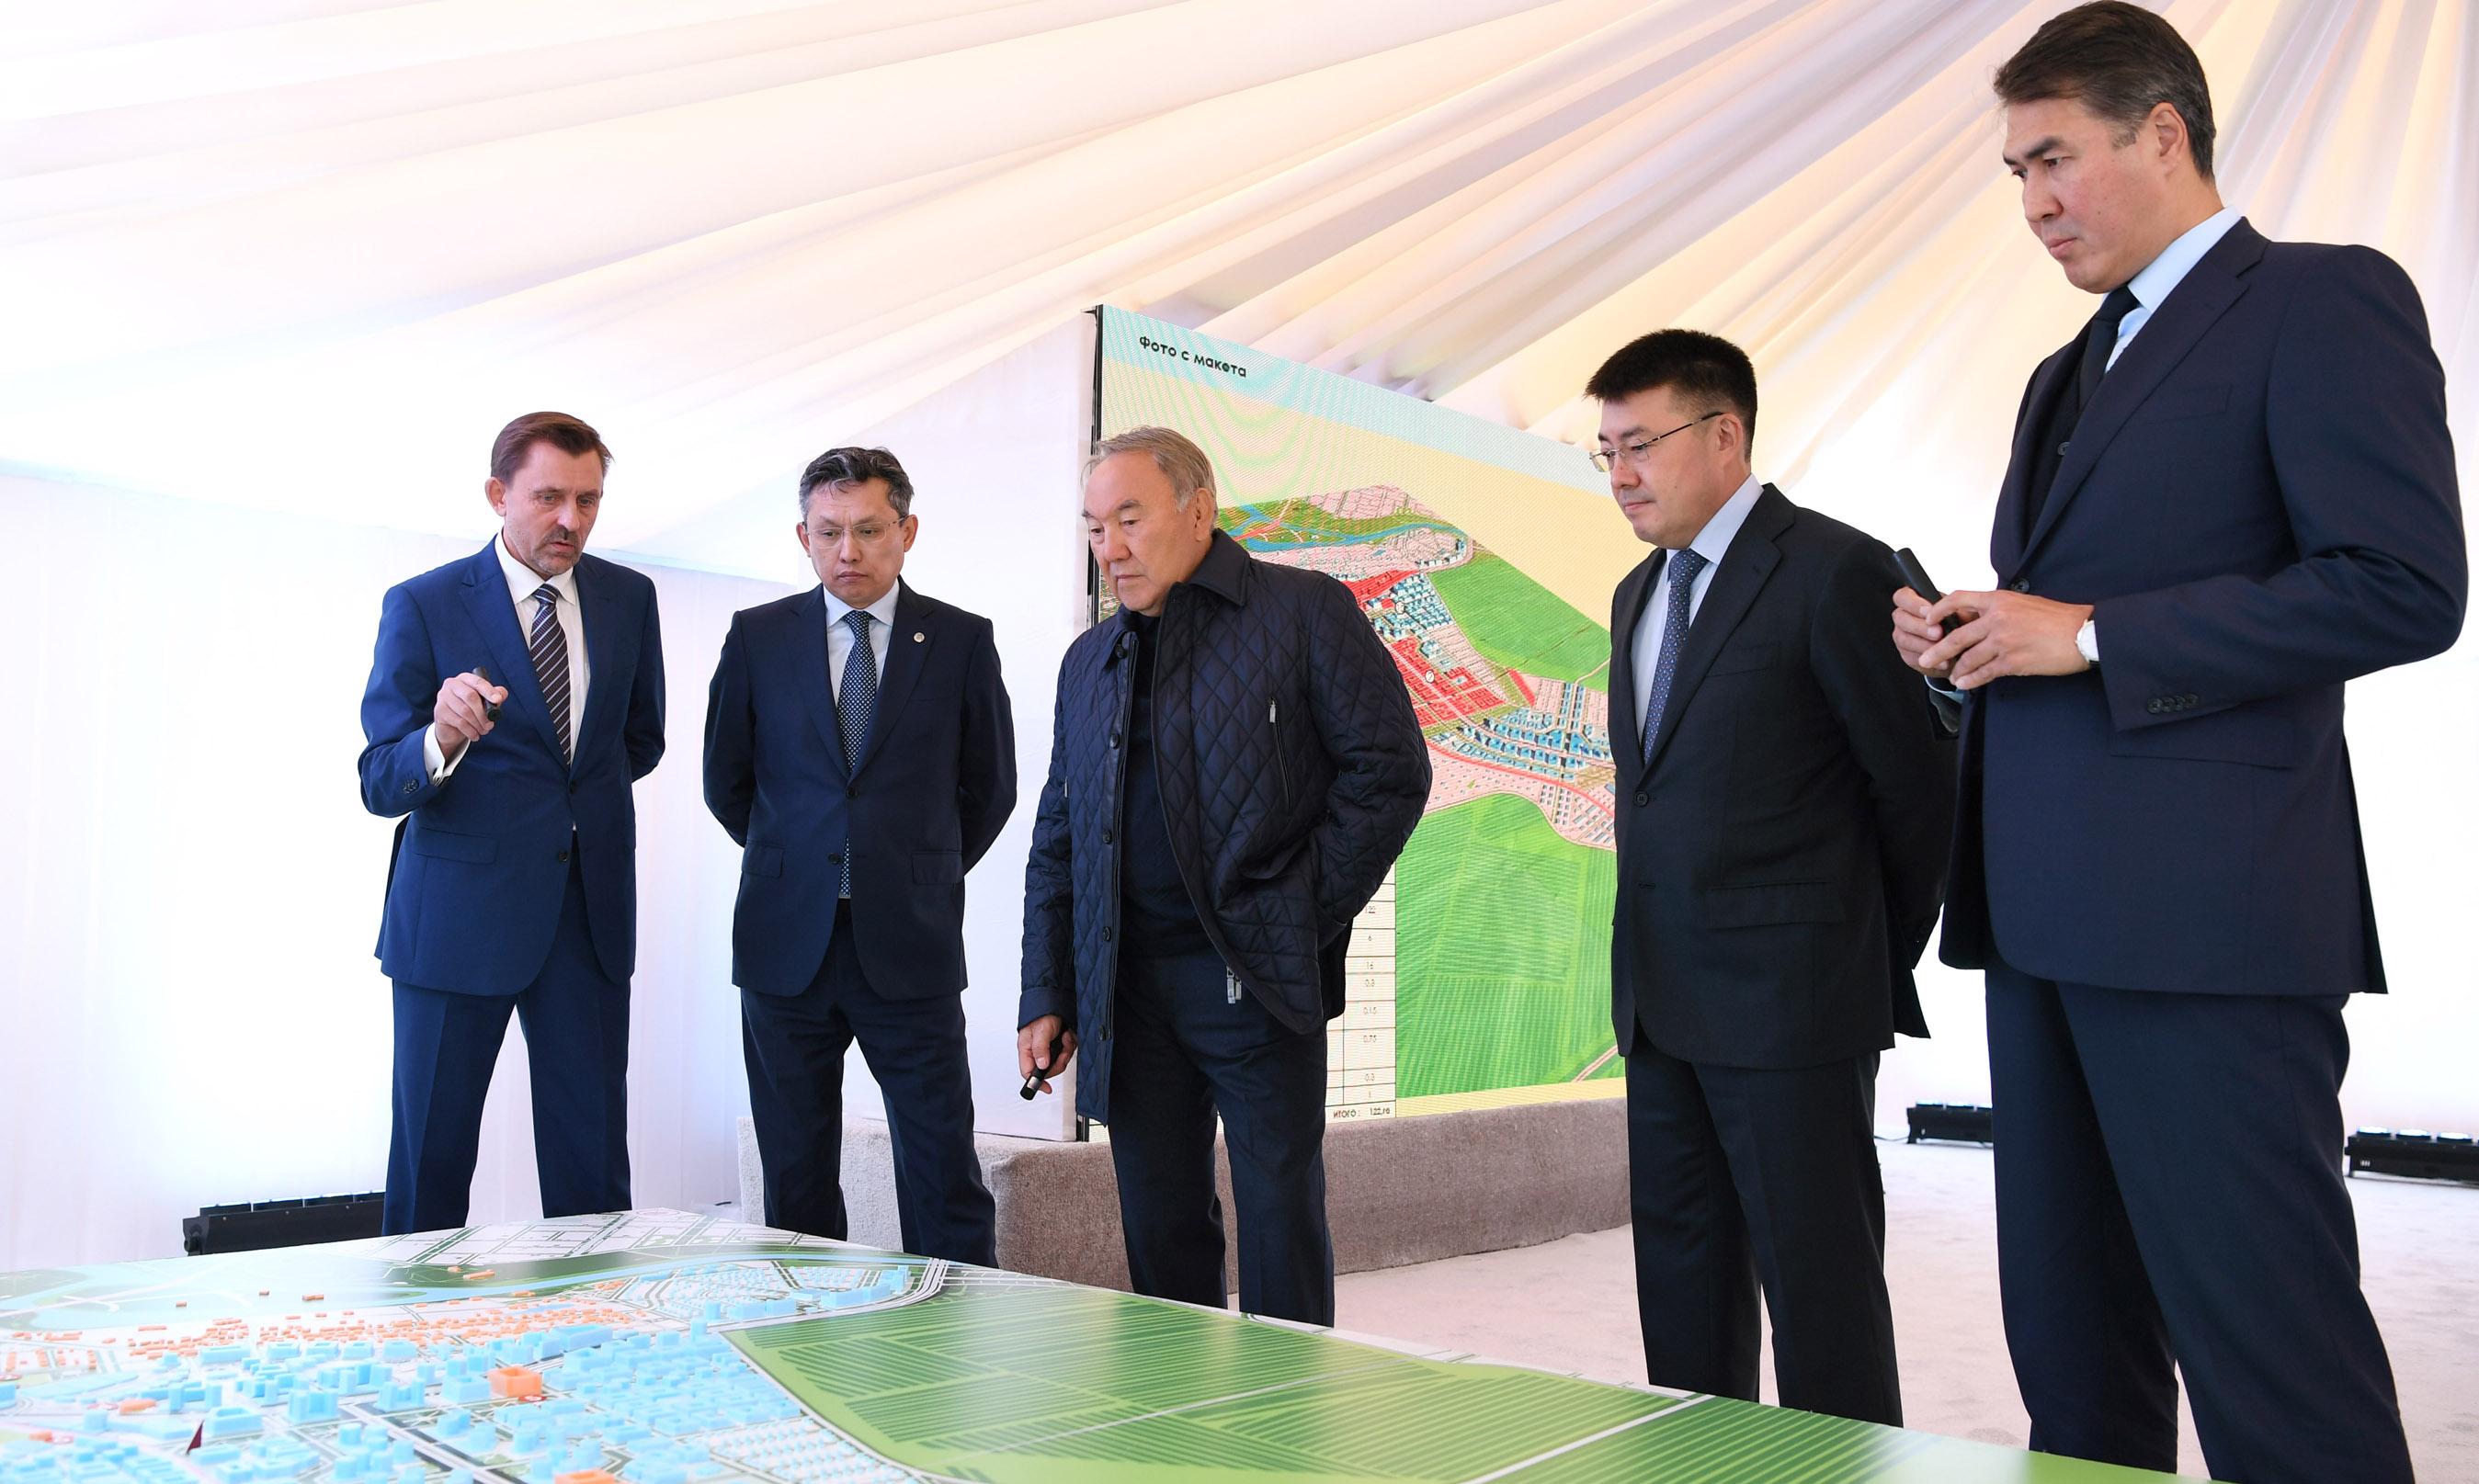 Президент РК указал на необходимость комплексного подхода при застройке Астаны, Президент РК, Назарбаев, Астана